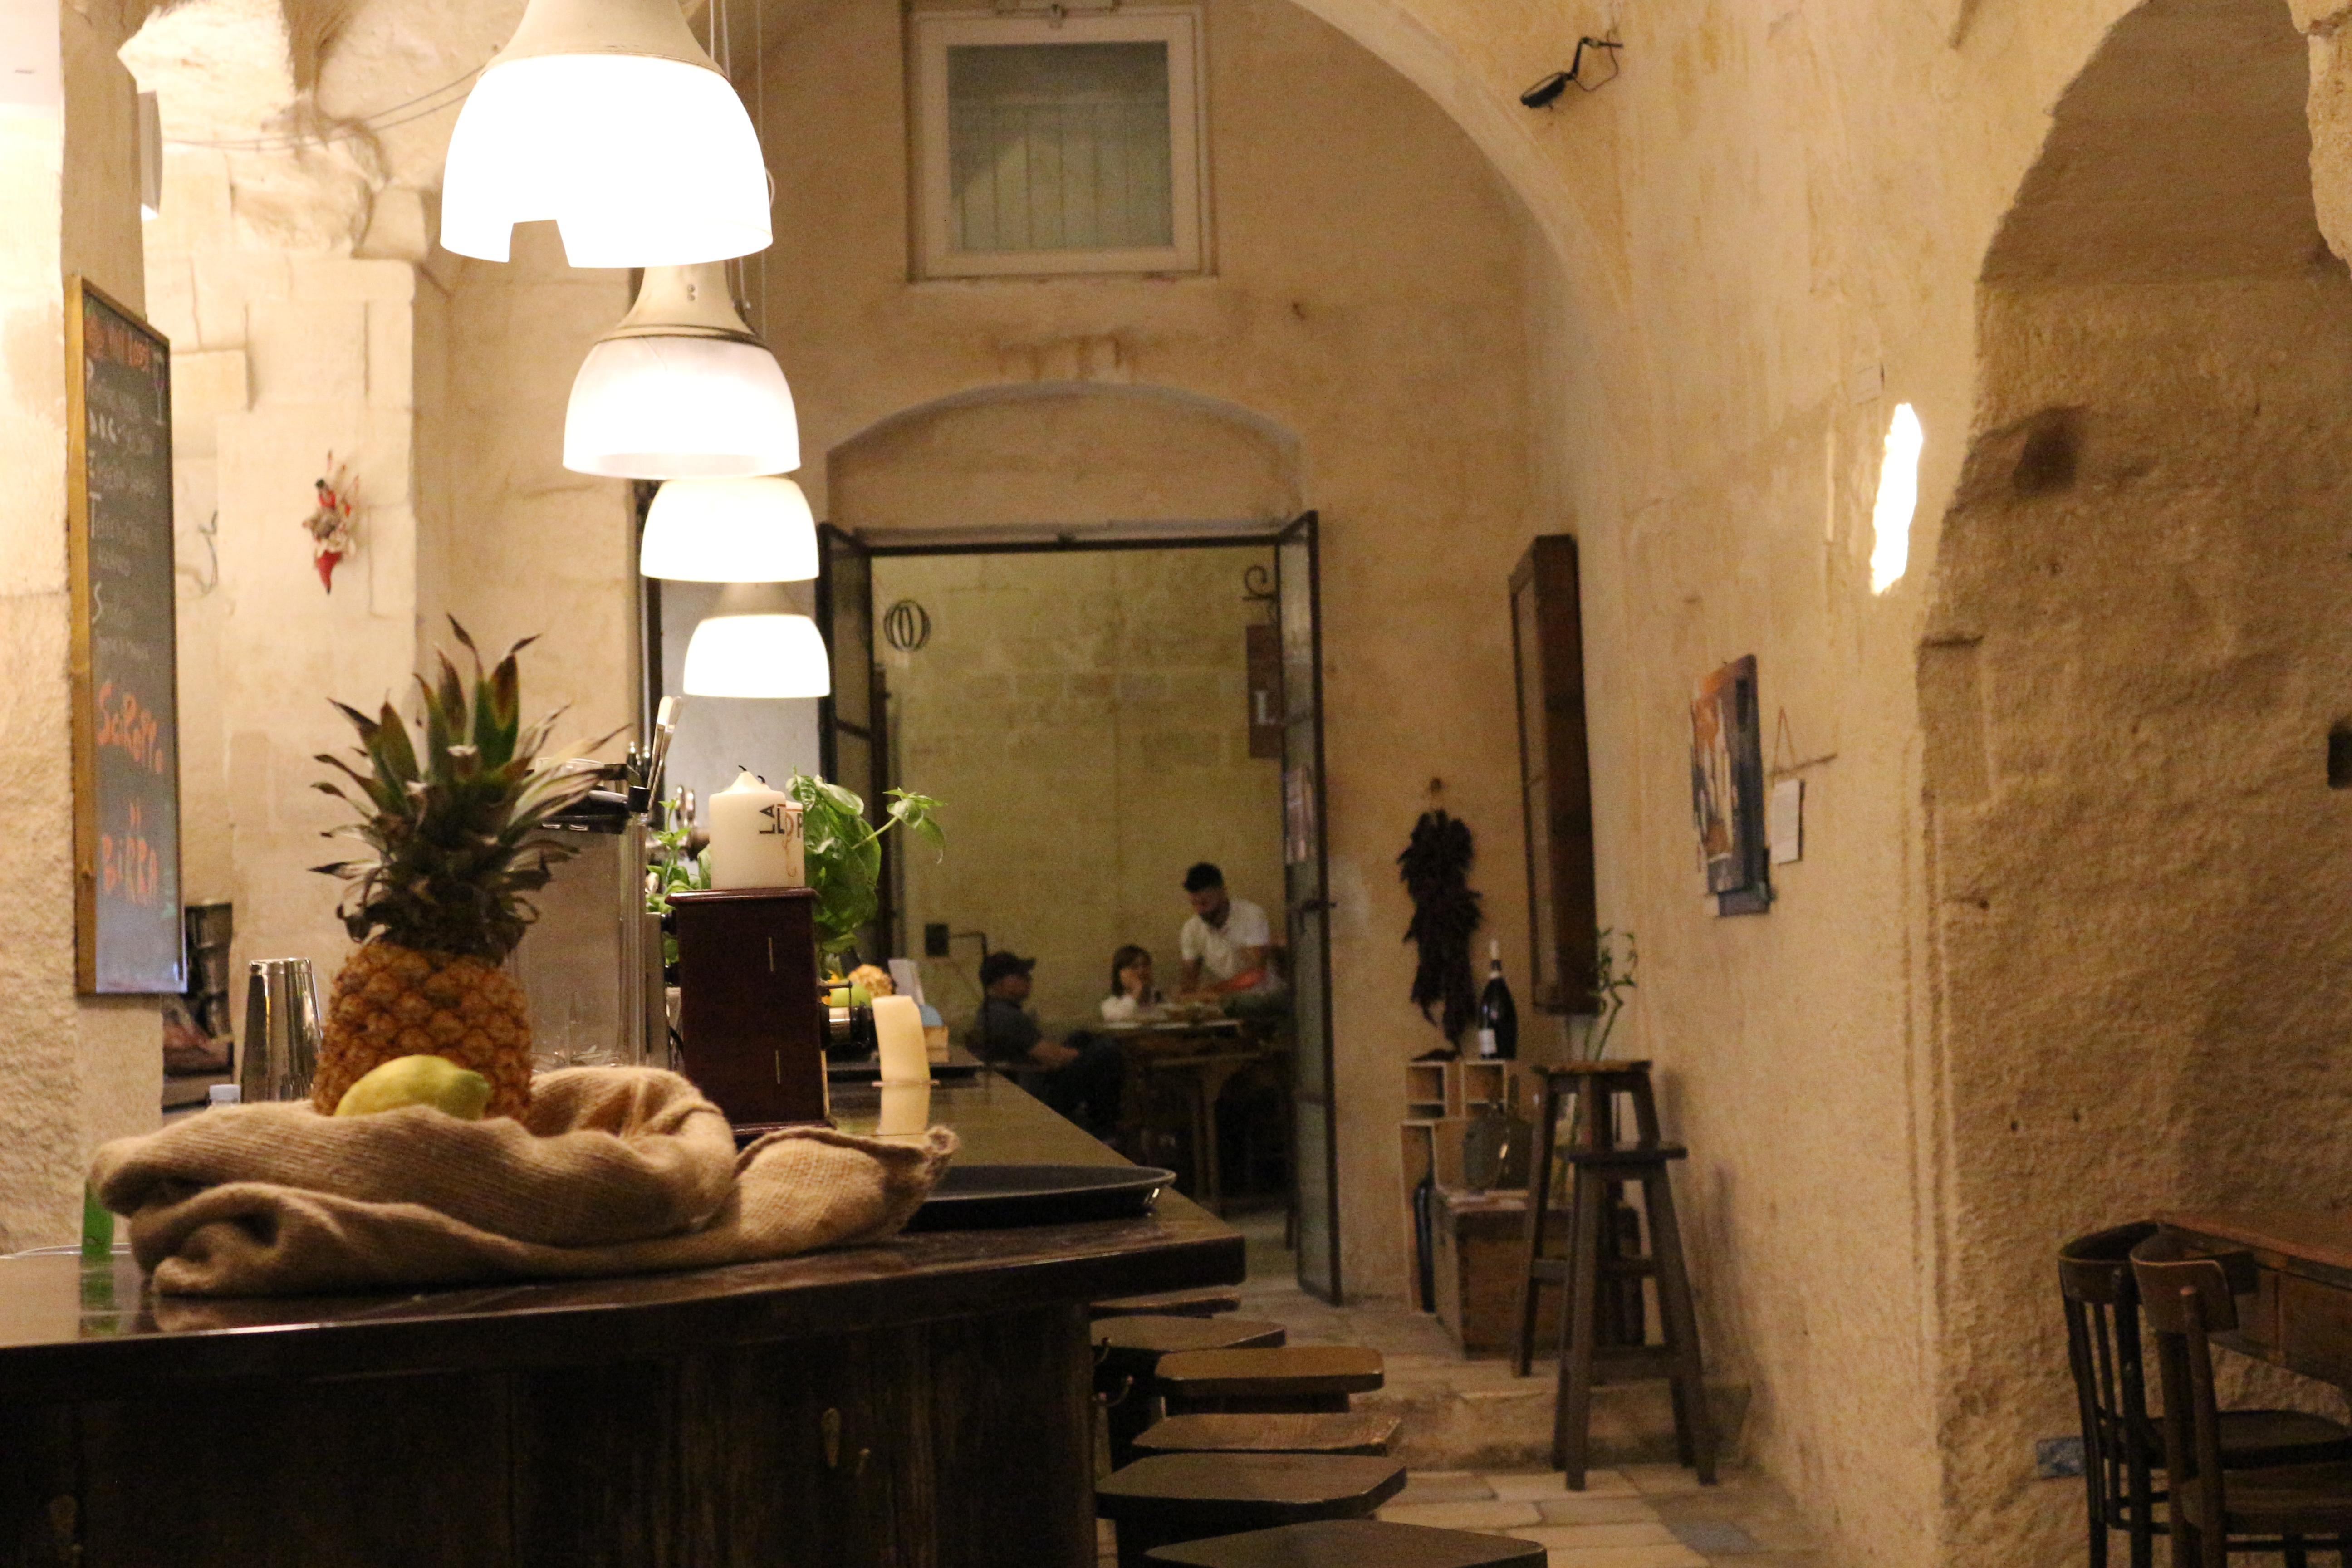 la-lopa-ristorante-pub-aperitivi-stuzzicheria-wine-bar-happy-hour-sassi-di-matera-basilicata3211